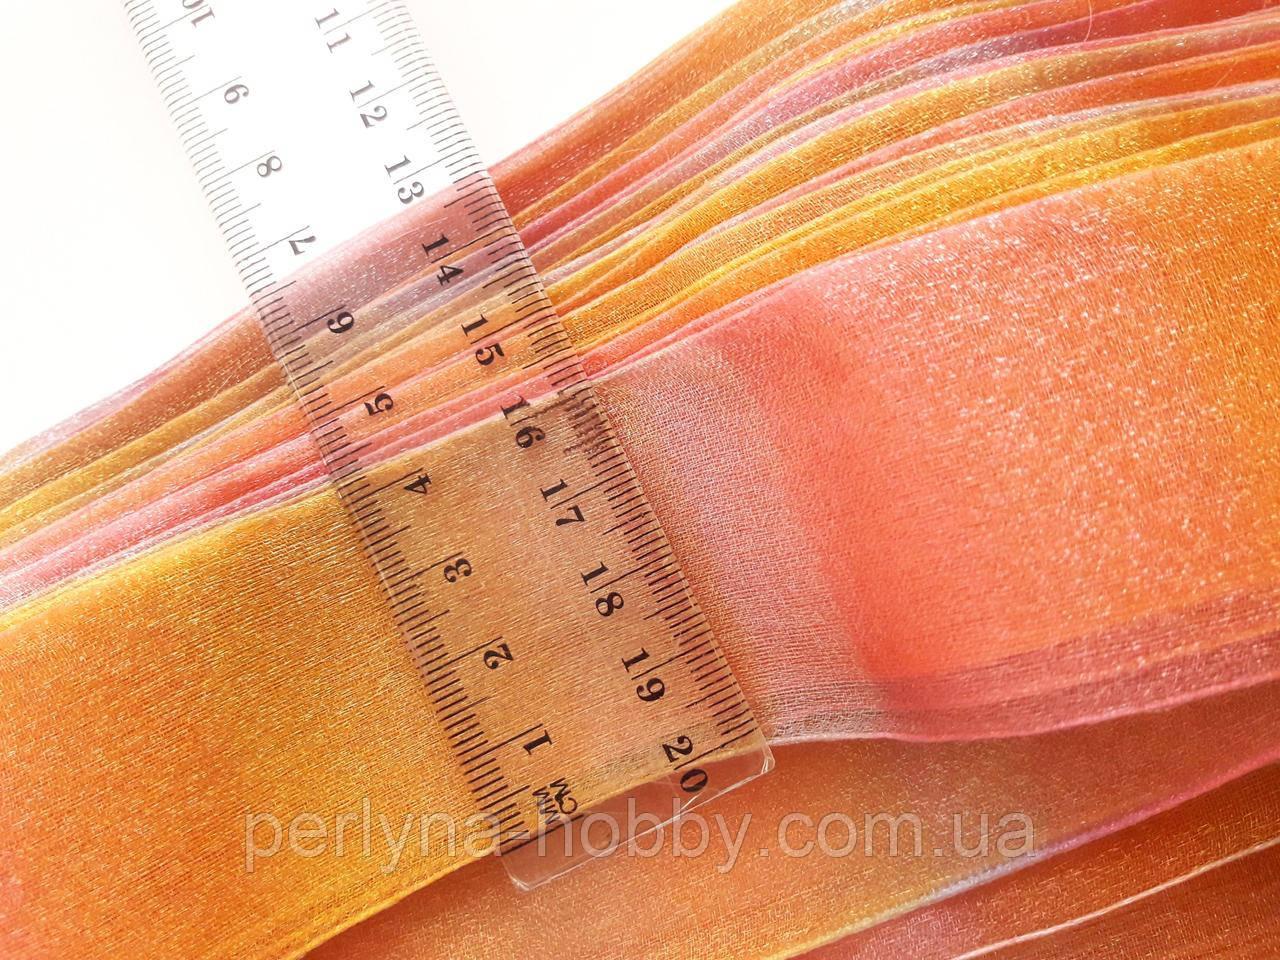 Стрічка капронова, органза, 4 см. Меланж рожевий-жовтий-голубий. Моток 45 метрів